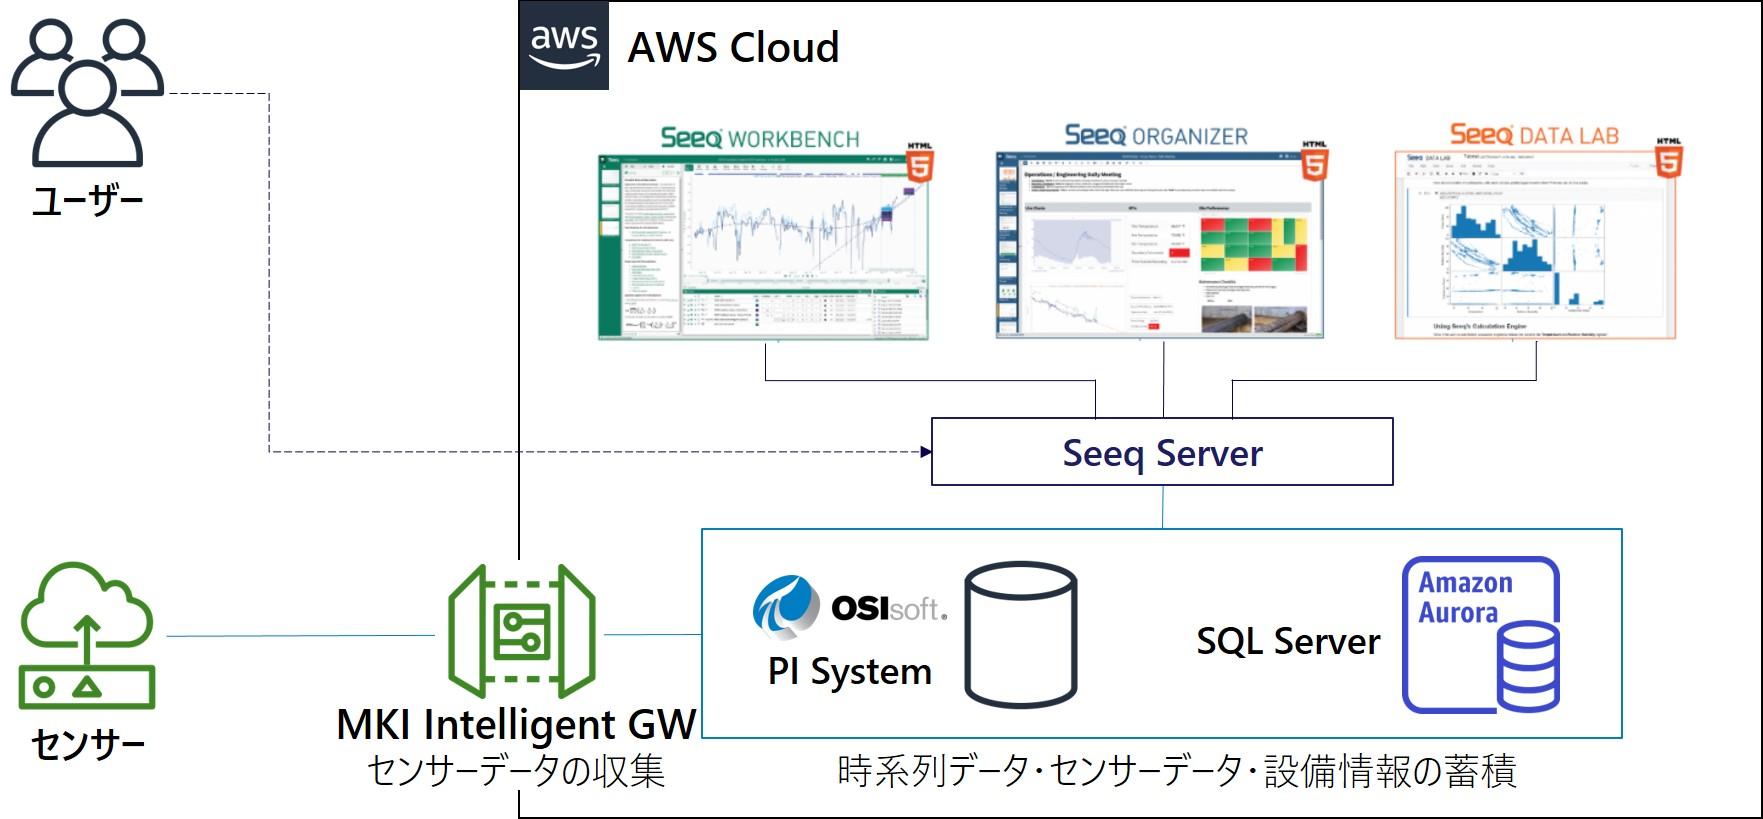 三井情報、『IoTプラットフォーム構築支援サービス on AWS』の提供を開始